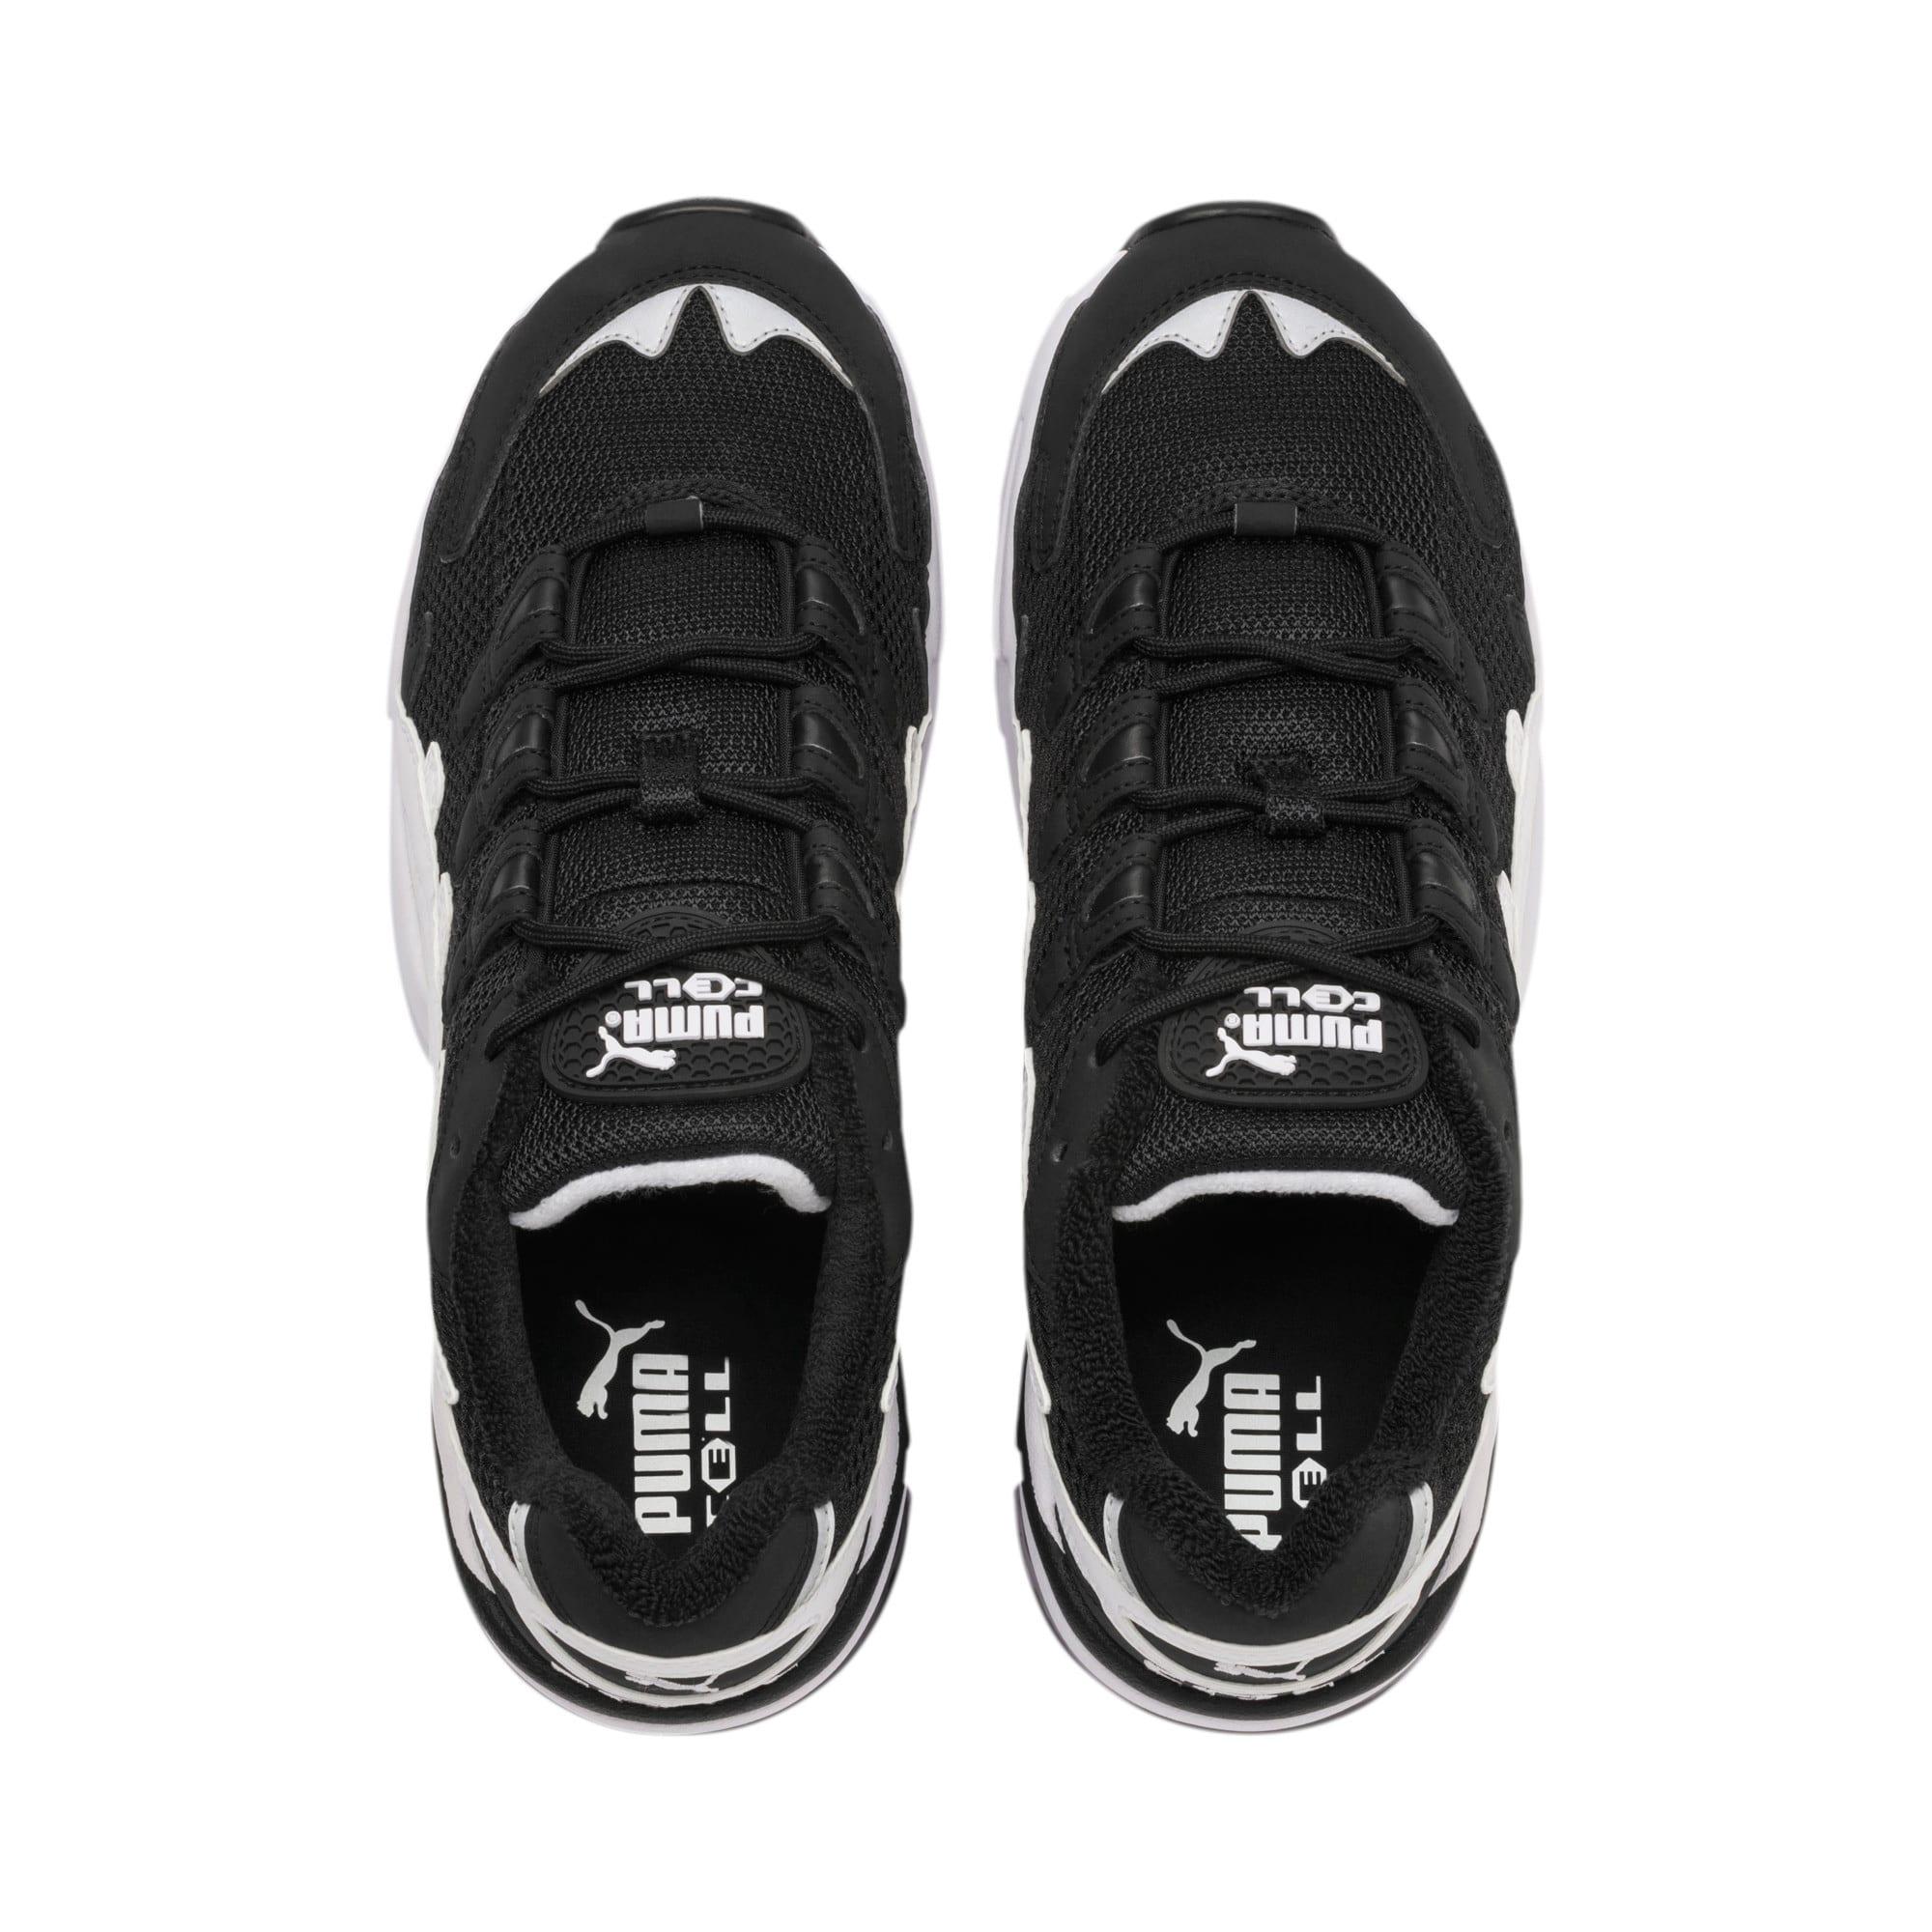 Thumbnail 7 of CELL Alien OG Sneakers, Puma Black-Puma White, medium